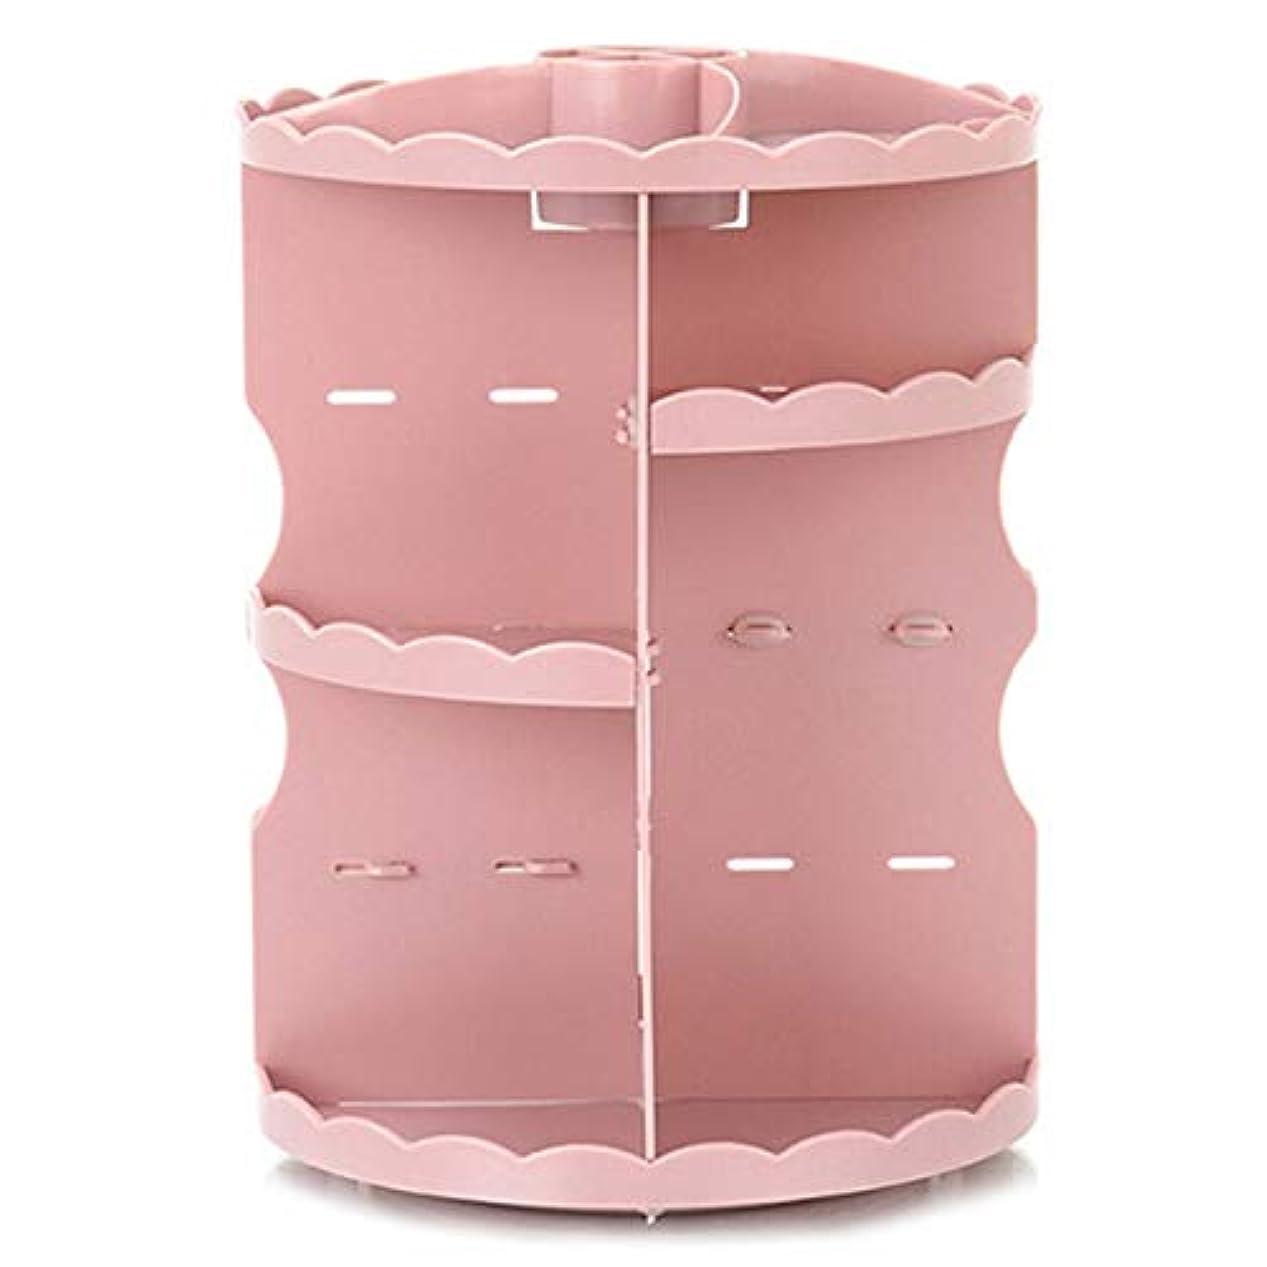 素朴な裏切り提供するTOOGOO 360度回転化粧オーガナイザー、調整可能な多機能化粧品収納ユニット、さまざまなタイプの化粧品とアクセサリーに対応 ピンク